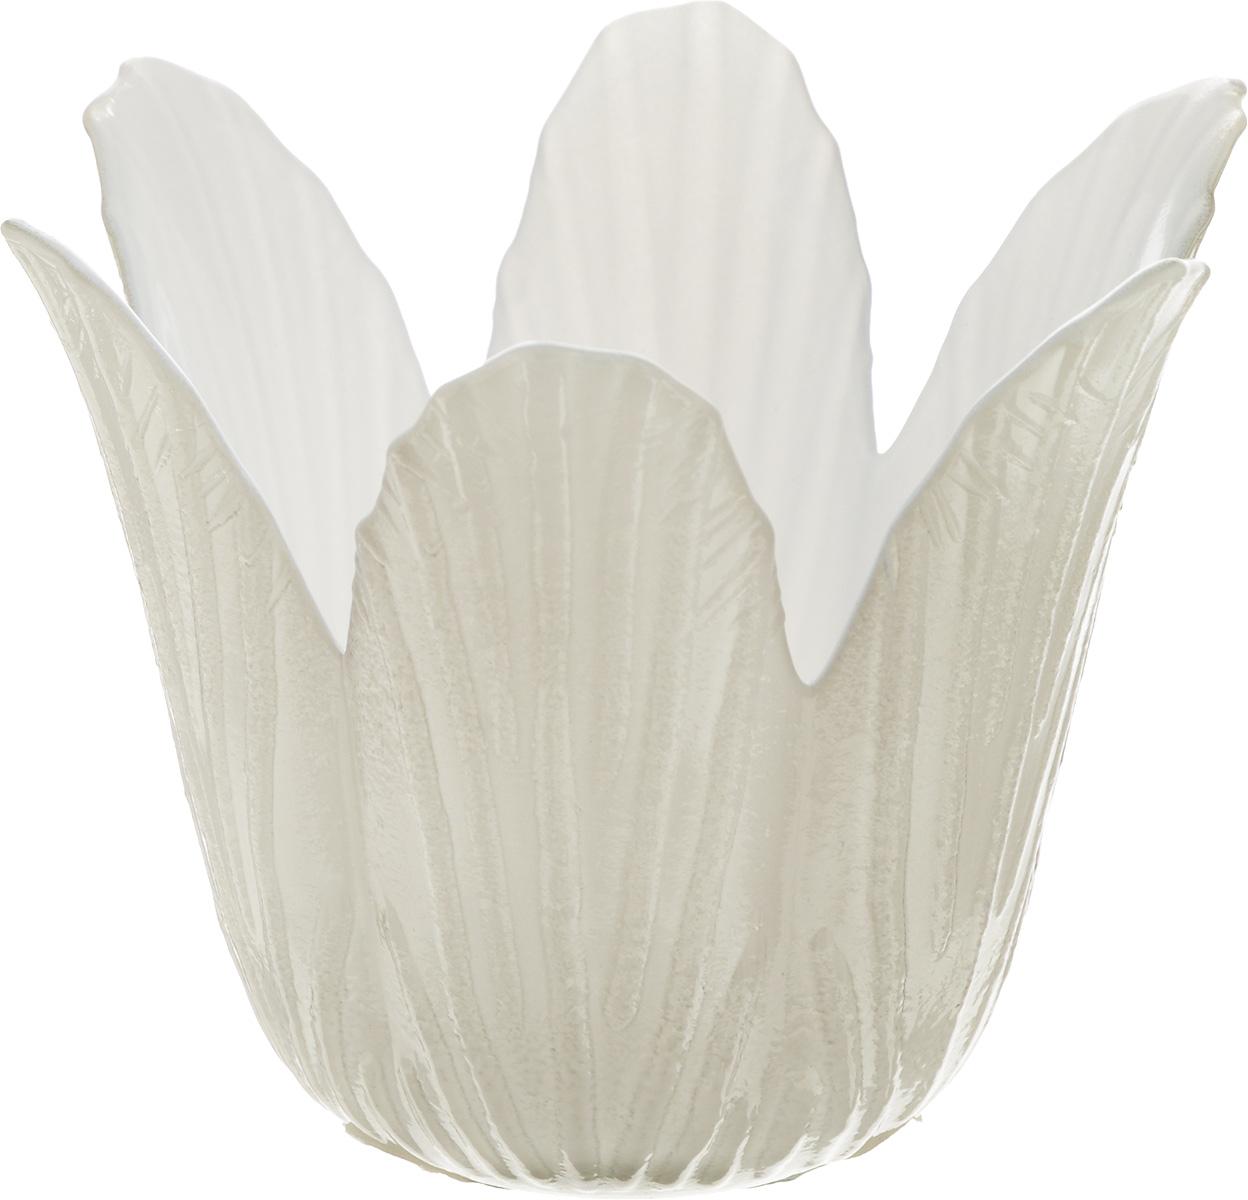 Подсвечник декоративный House & Holder, цвет: белый, серый, высота 7,5 смБрелок для ключейДекоративный подсвечник House & Holder изготовлен из керамики в виде кувшинки. Свеча вставляется внутрь цветка.Такой подсвечник будет потрясающе смотреться в интерьере комнаты и станет прекрасным сувениром к любому случаю.